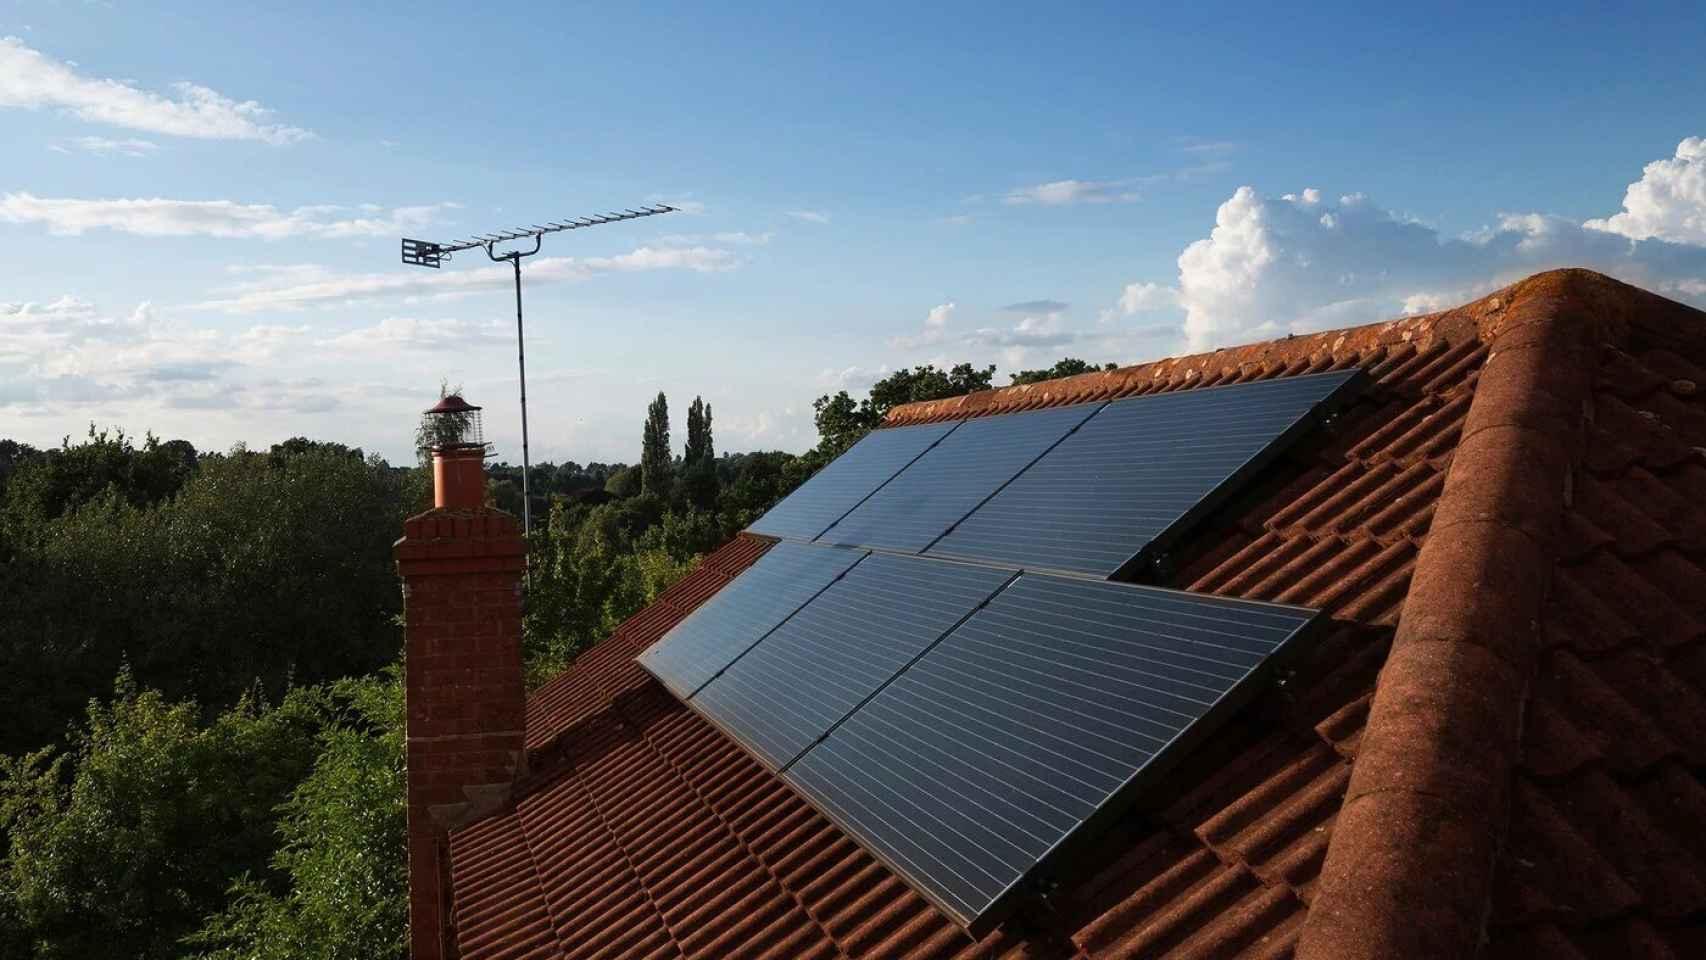 Paneles solares sobre una casa.